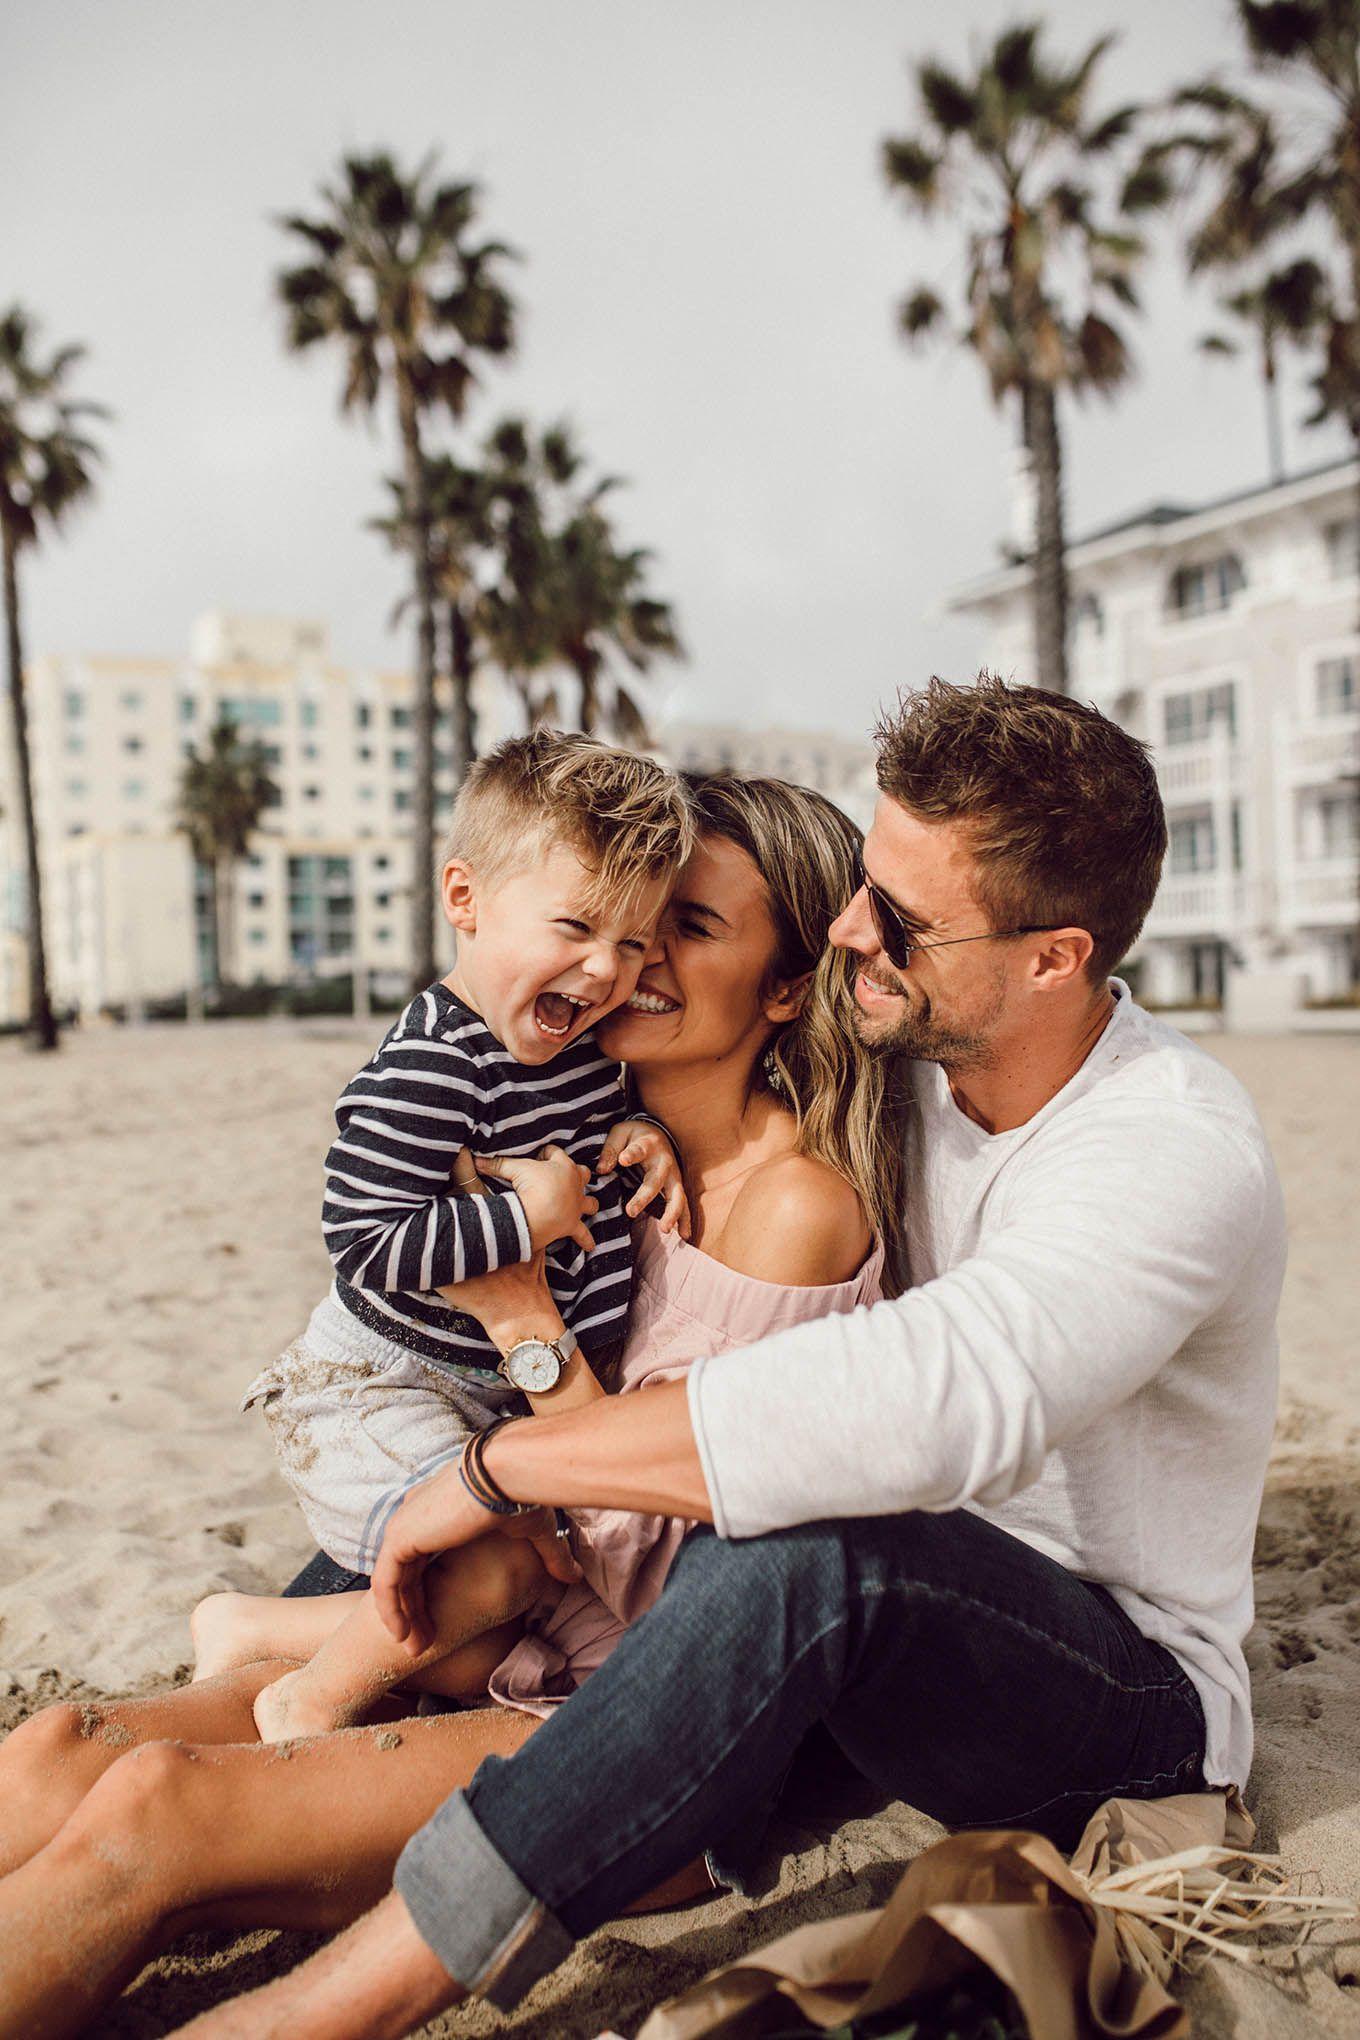 сутенером семейные картинки милые явно